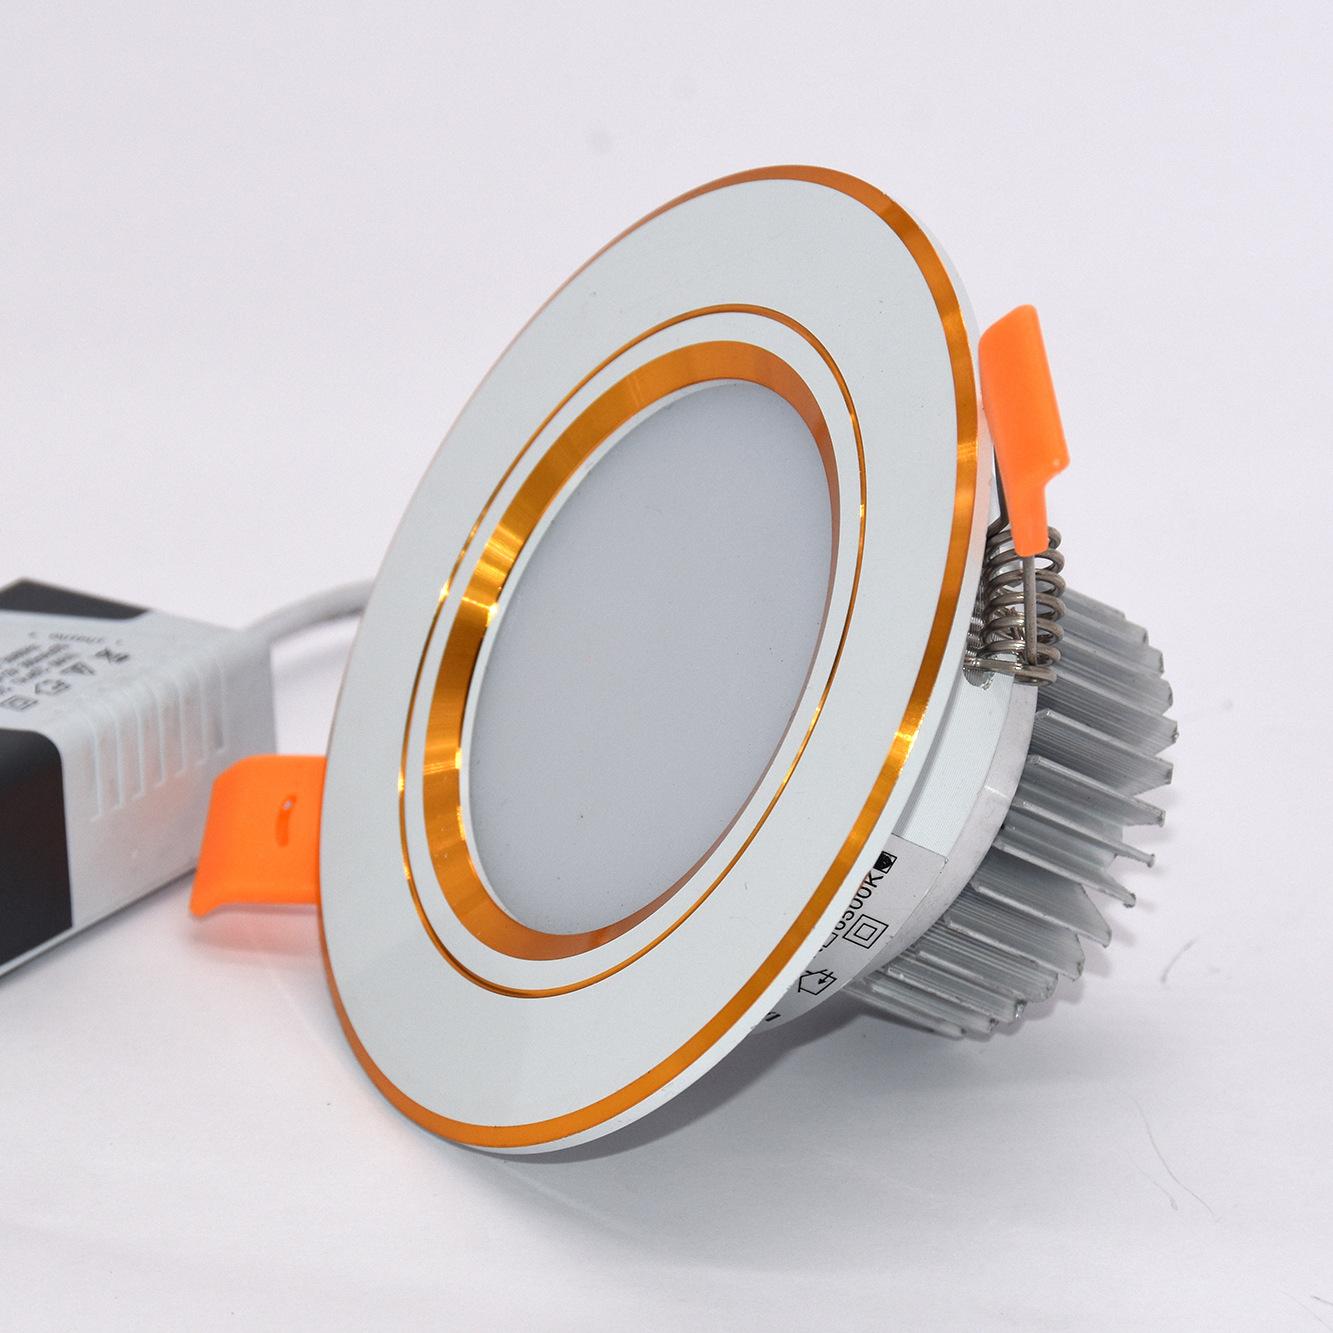 HUANHUI Đèn trần bộ Nhà máy trực tiếp LED Down Light Bộ vỏ nhà trần Phụ kiện vỏ trần SM Downlight Pl